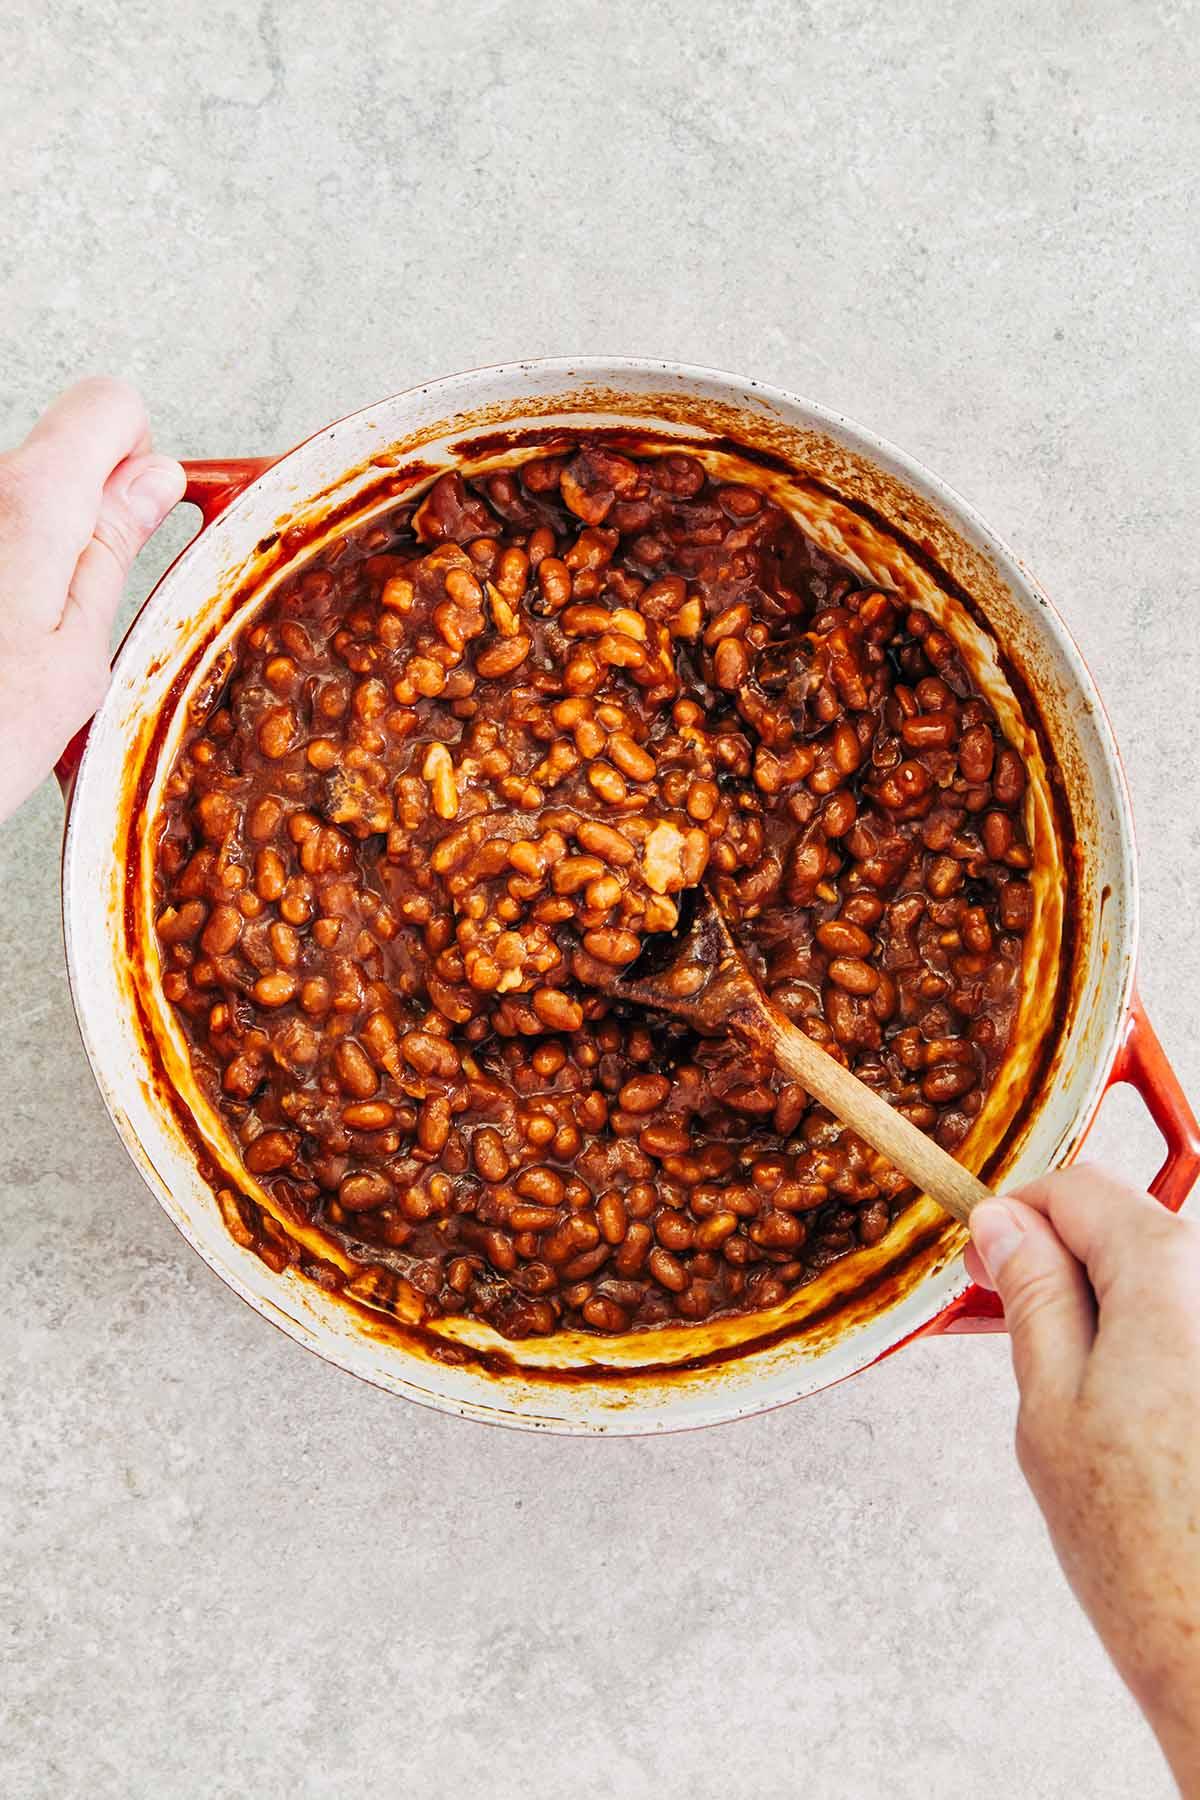 Hands stirring a pot of beans.